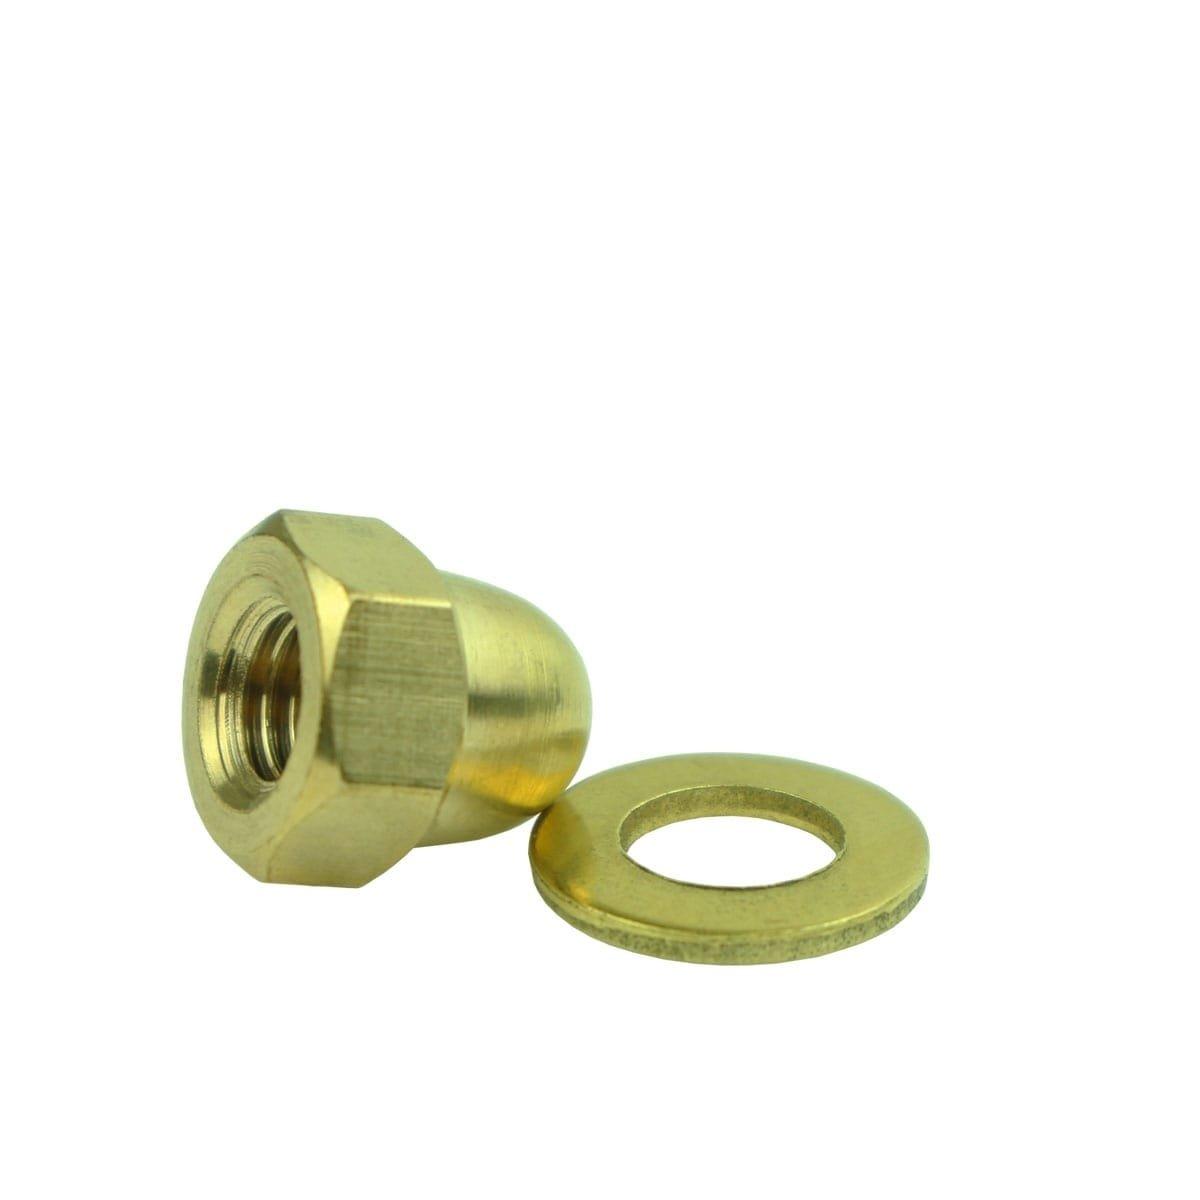 Außenbeleuchtung Befestigungsmaterial Hutmuttern mit ring M8 messing - 10-stücke